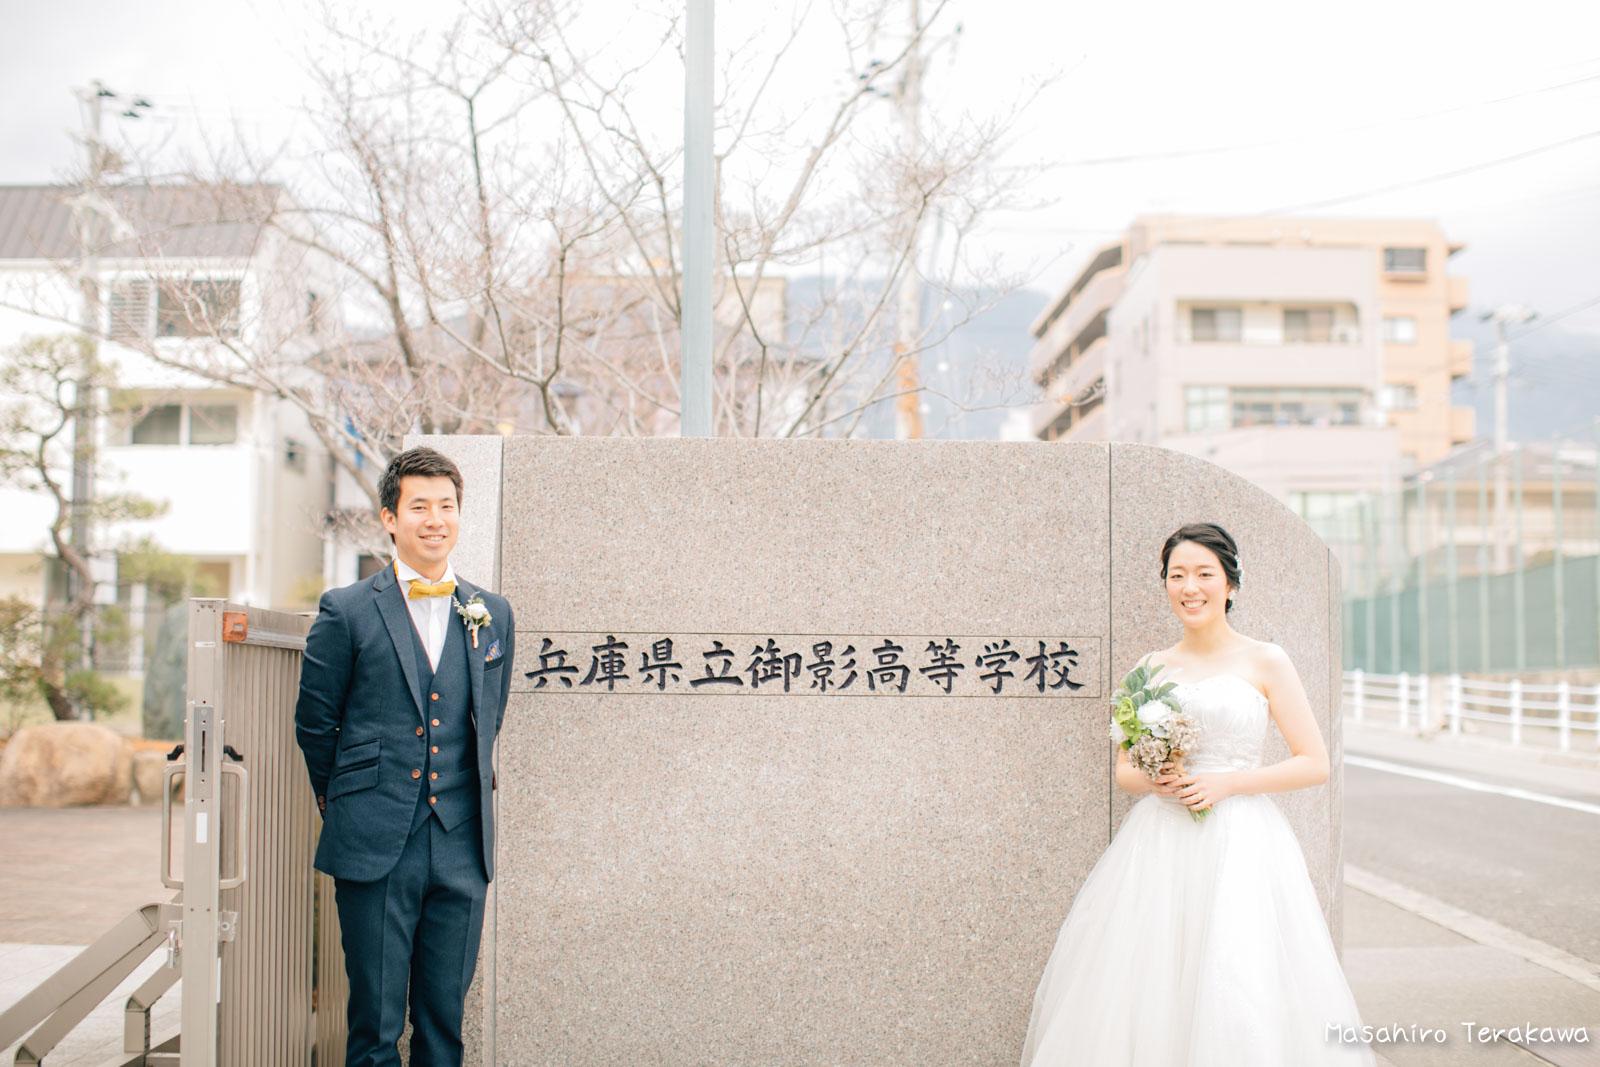 神戸の学校(母校)にて結婚式前撮り2